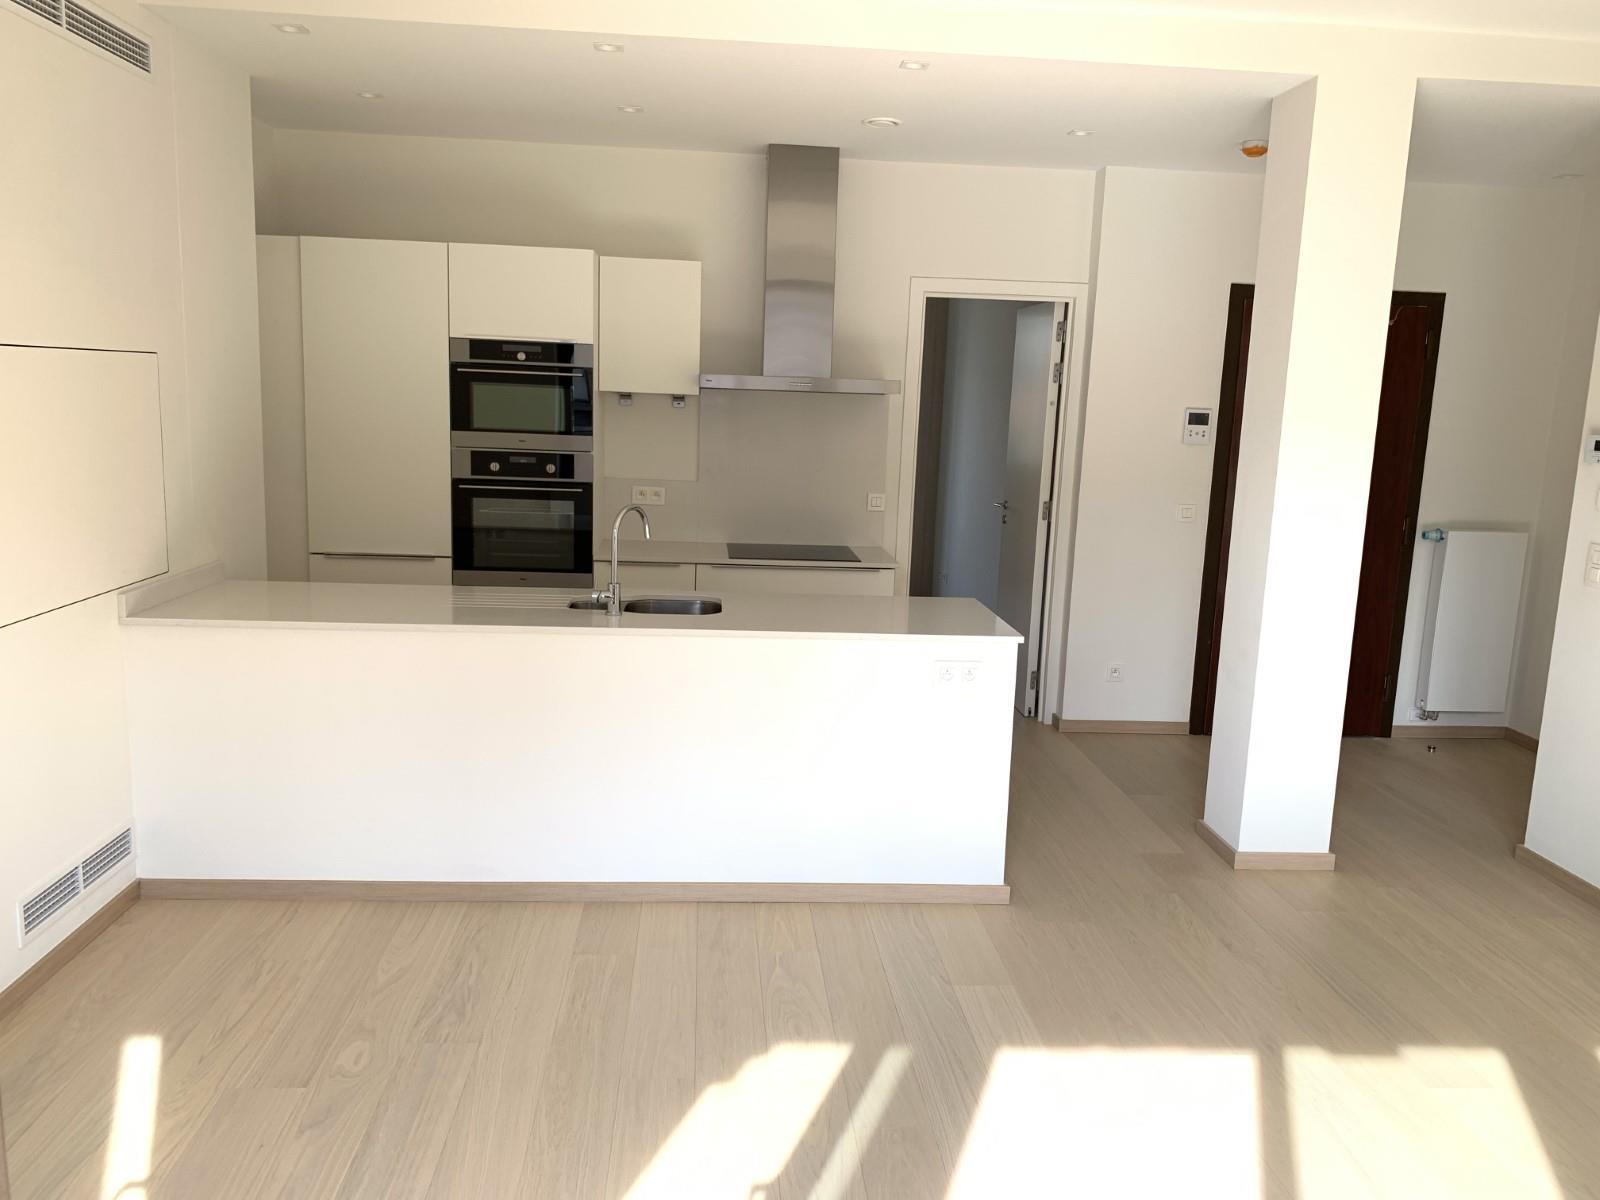 Uitzonderlijk appartement - Ixelles - #3851217-1